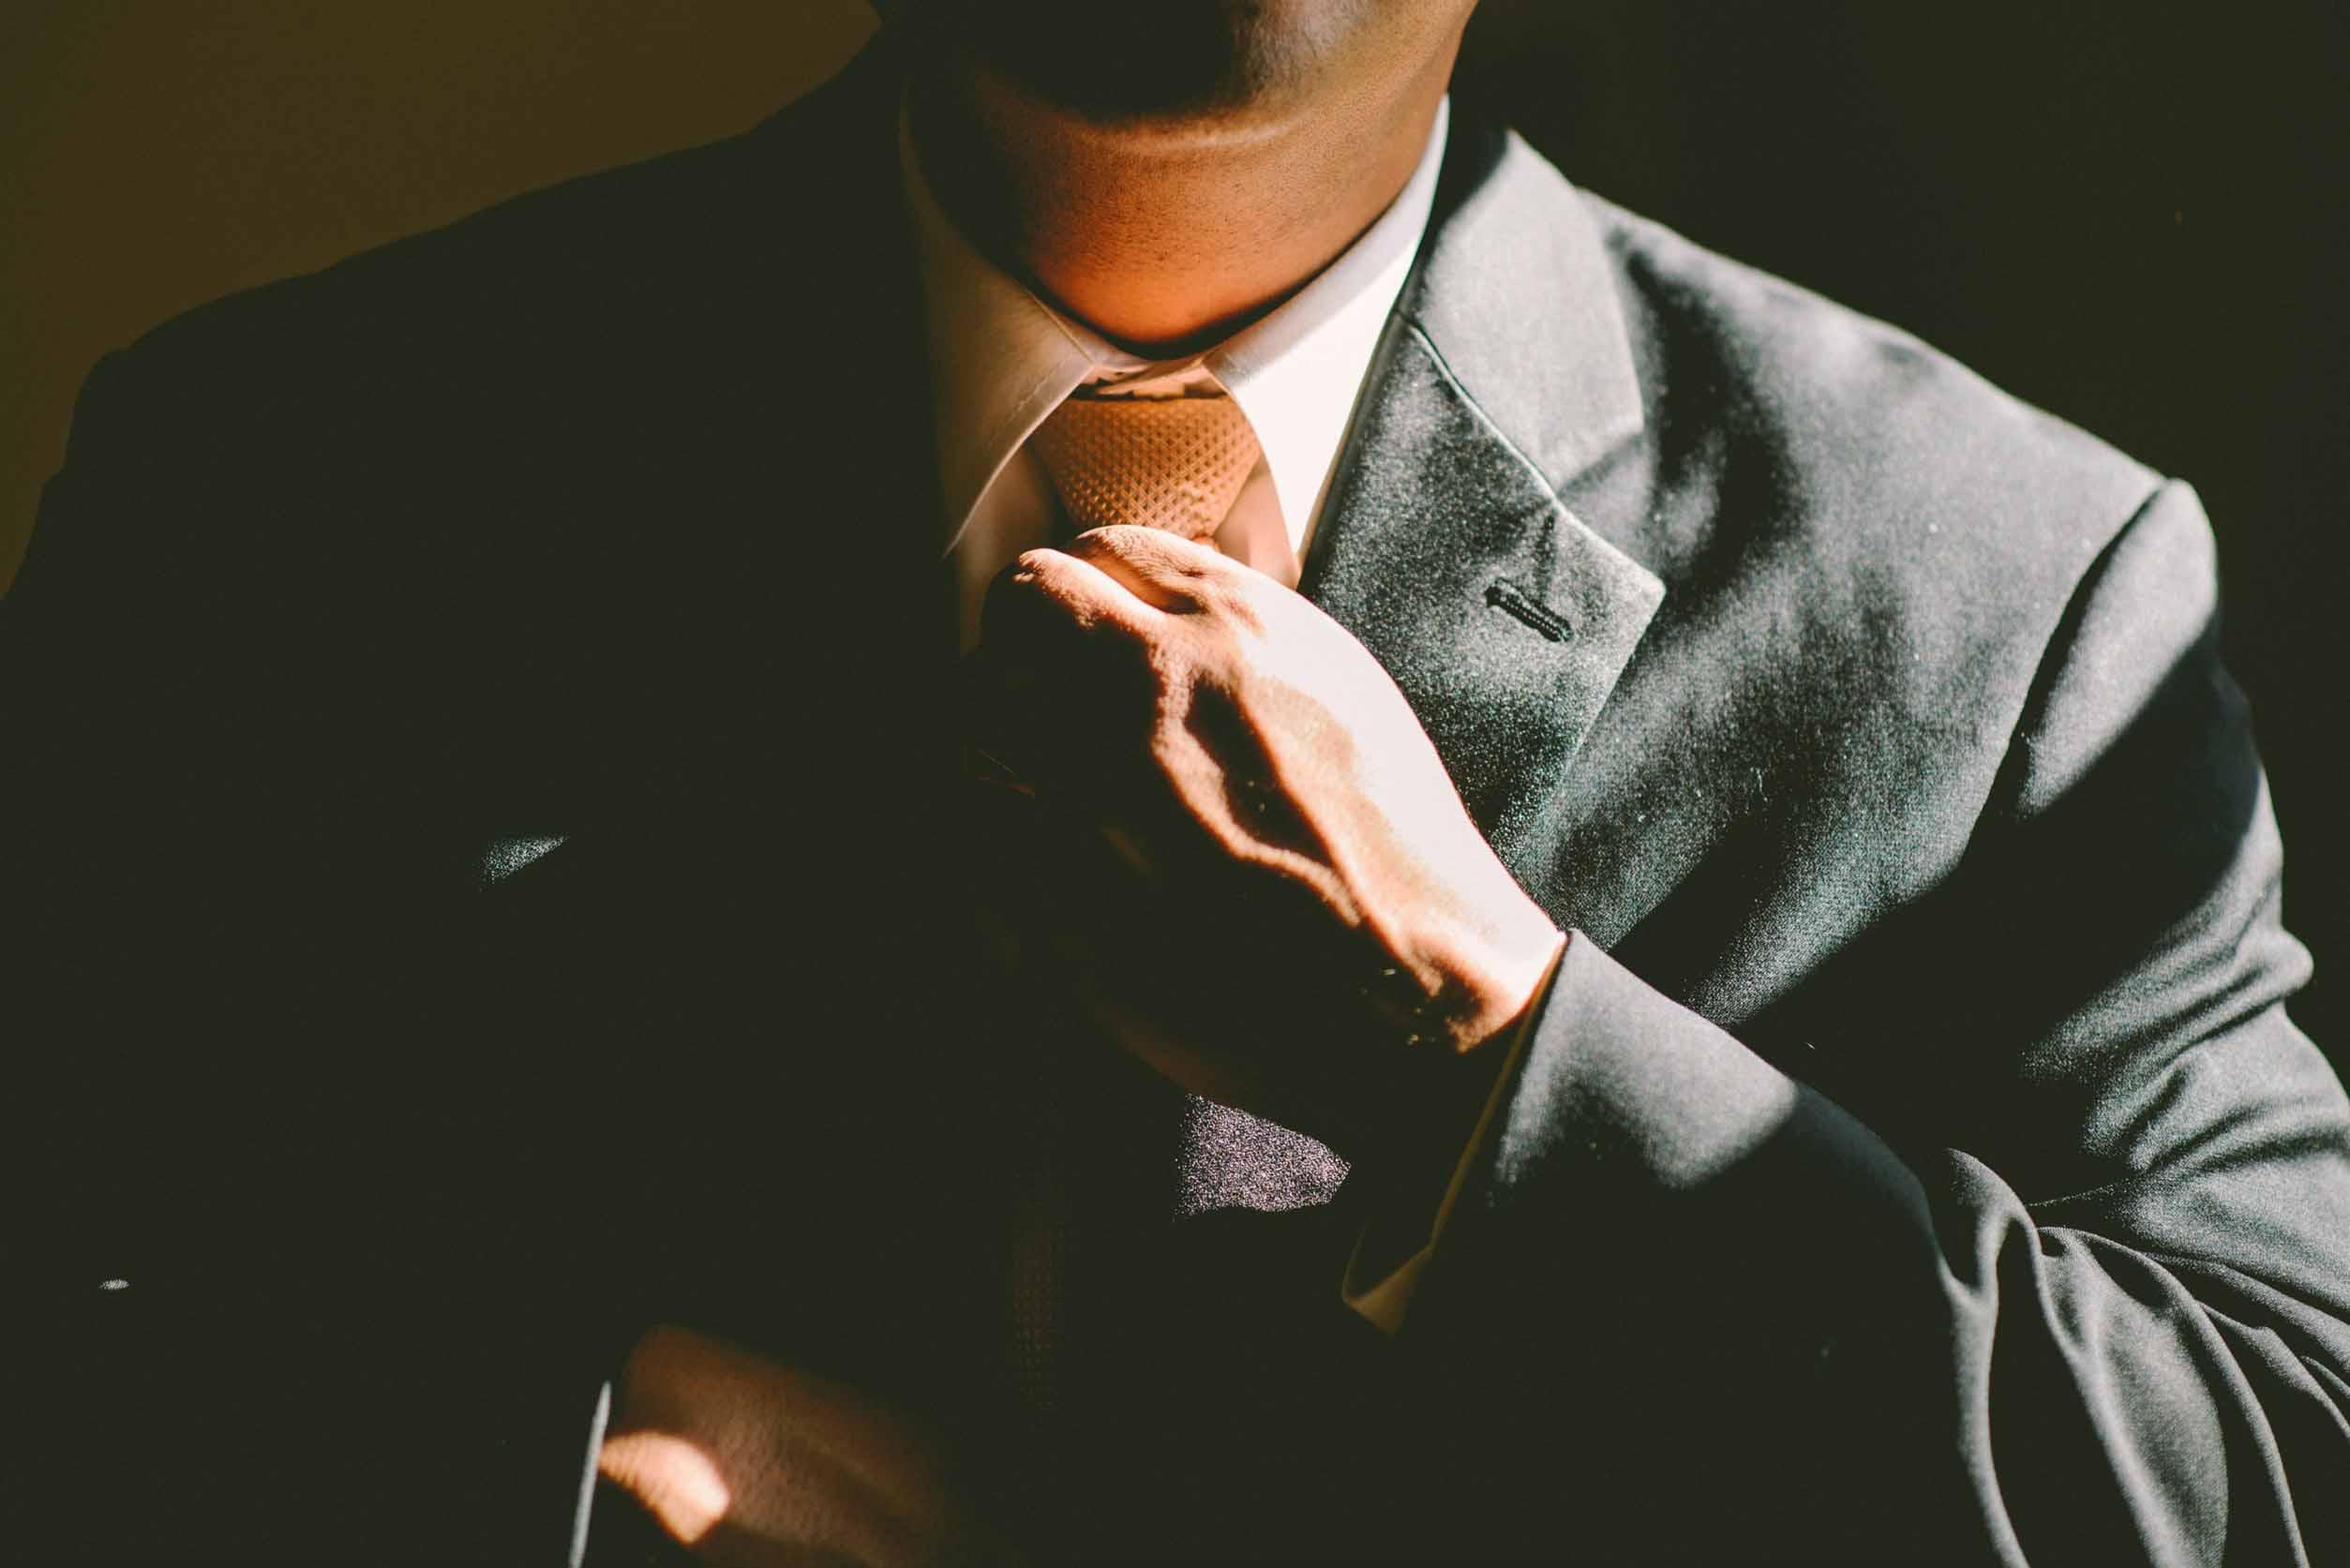 Resultado de imagen para tightening a tie